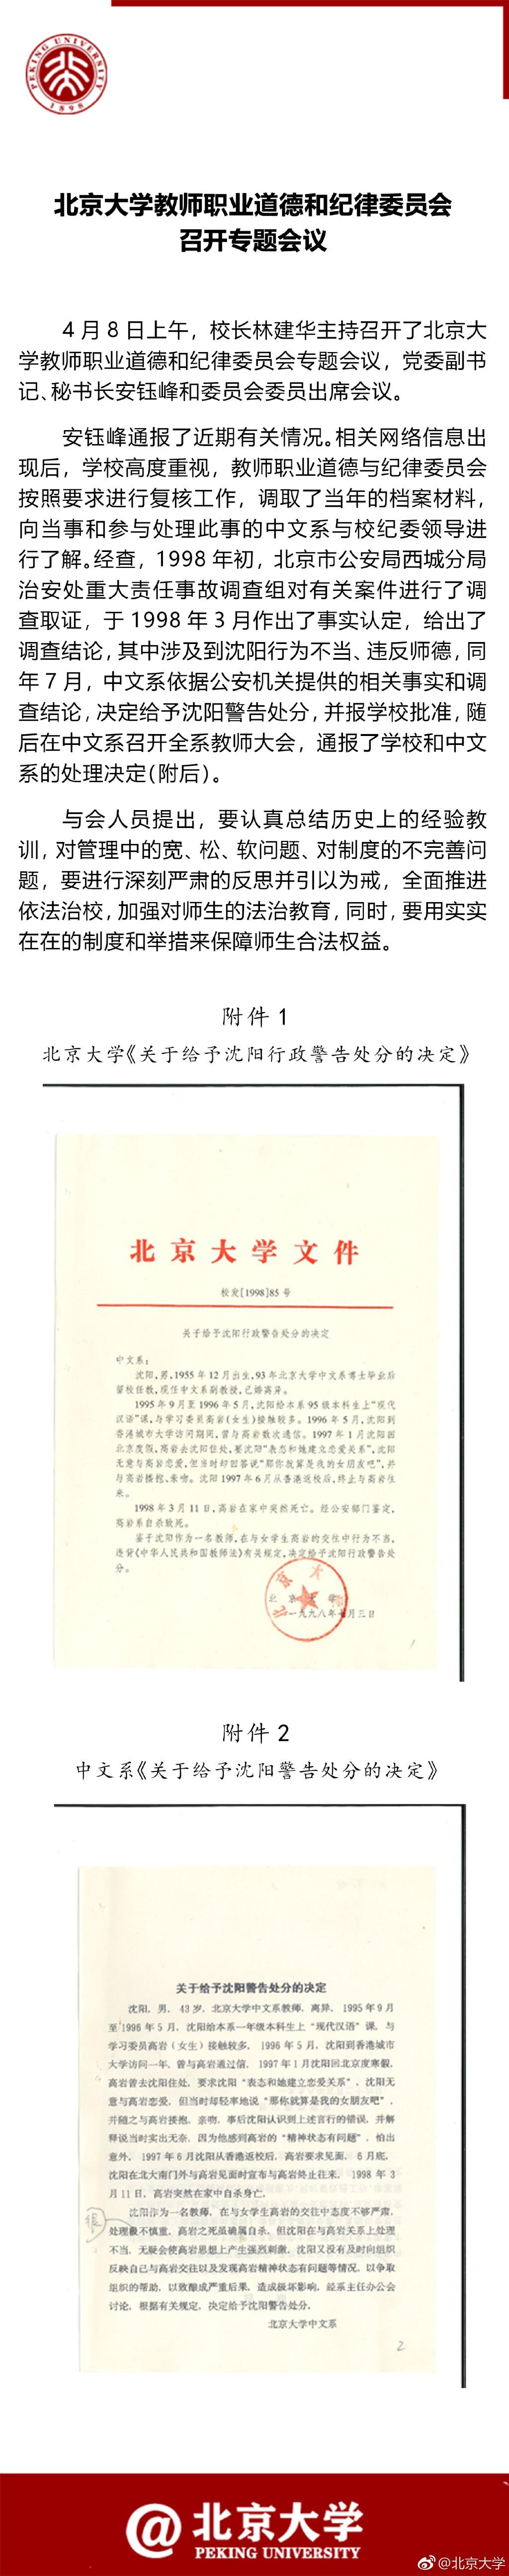 """幸运飞艇信誉平台:北京大学通报""""沈阳事件""""_出示当年对其处分决定"""